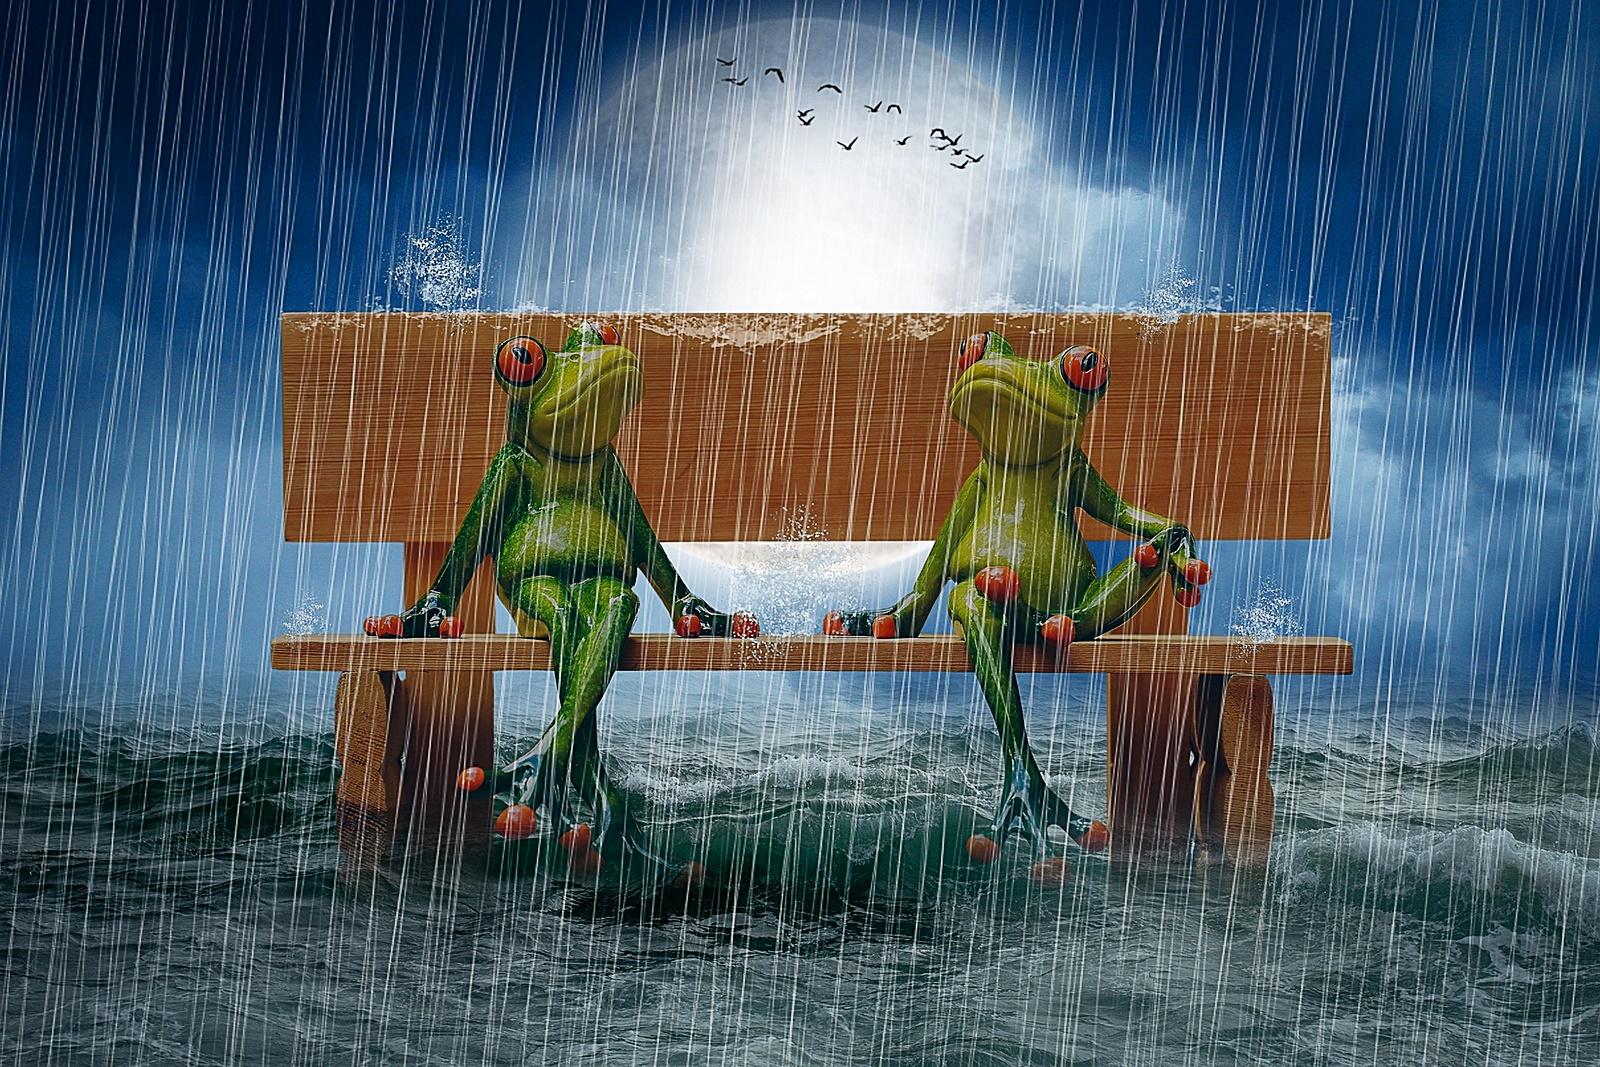 빗속의 개구리